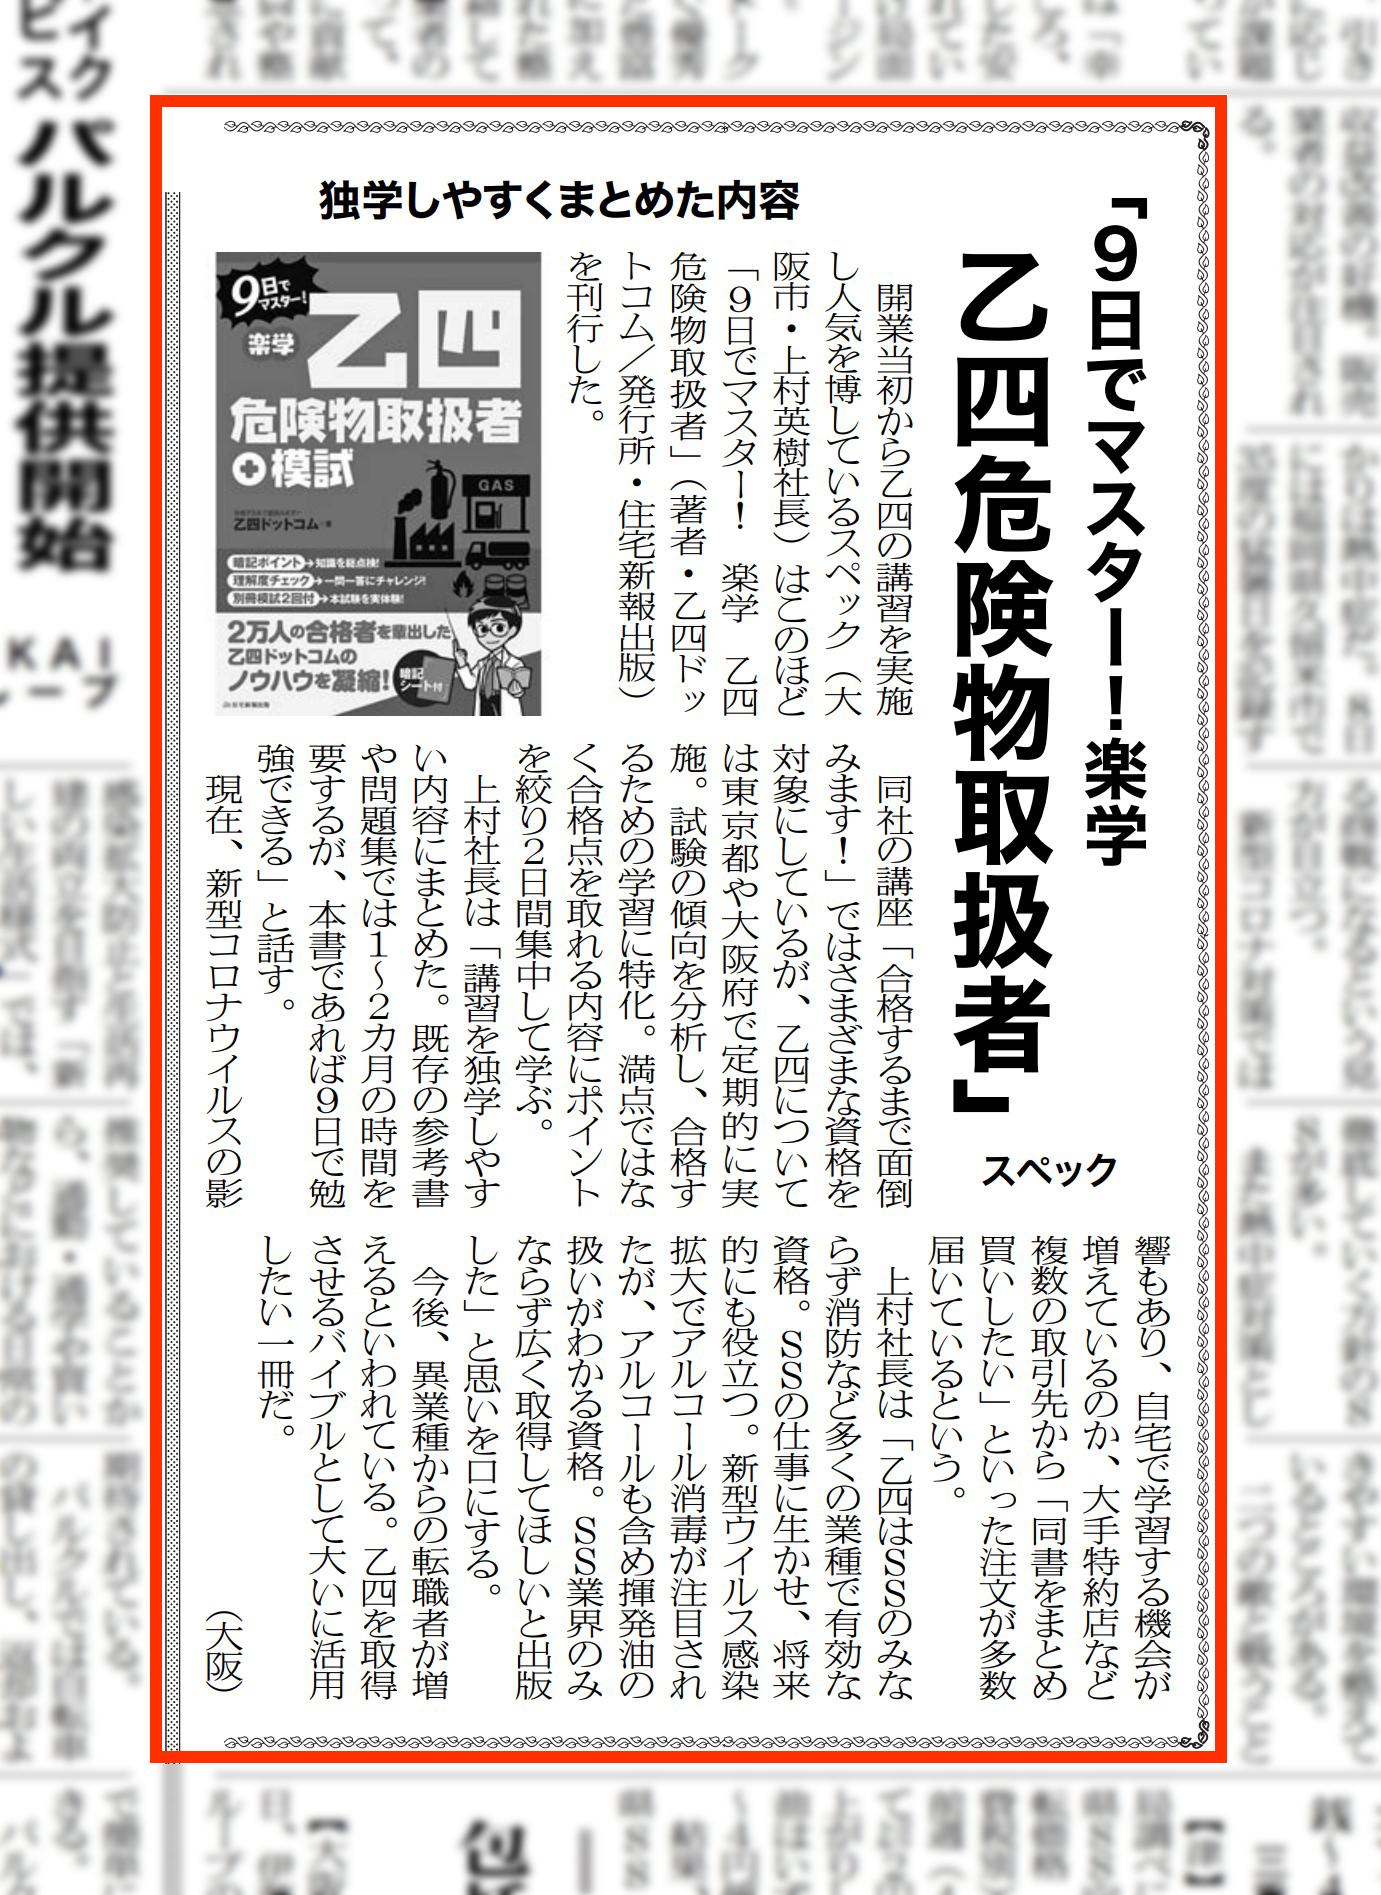 燃料油脂新聞『9日でマスター!楽学 乙四危険物取扱者』 2020.06.13